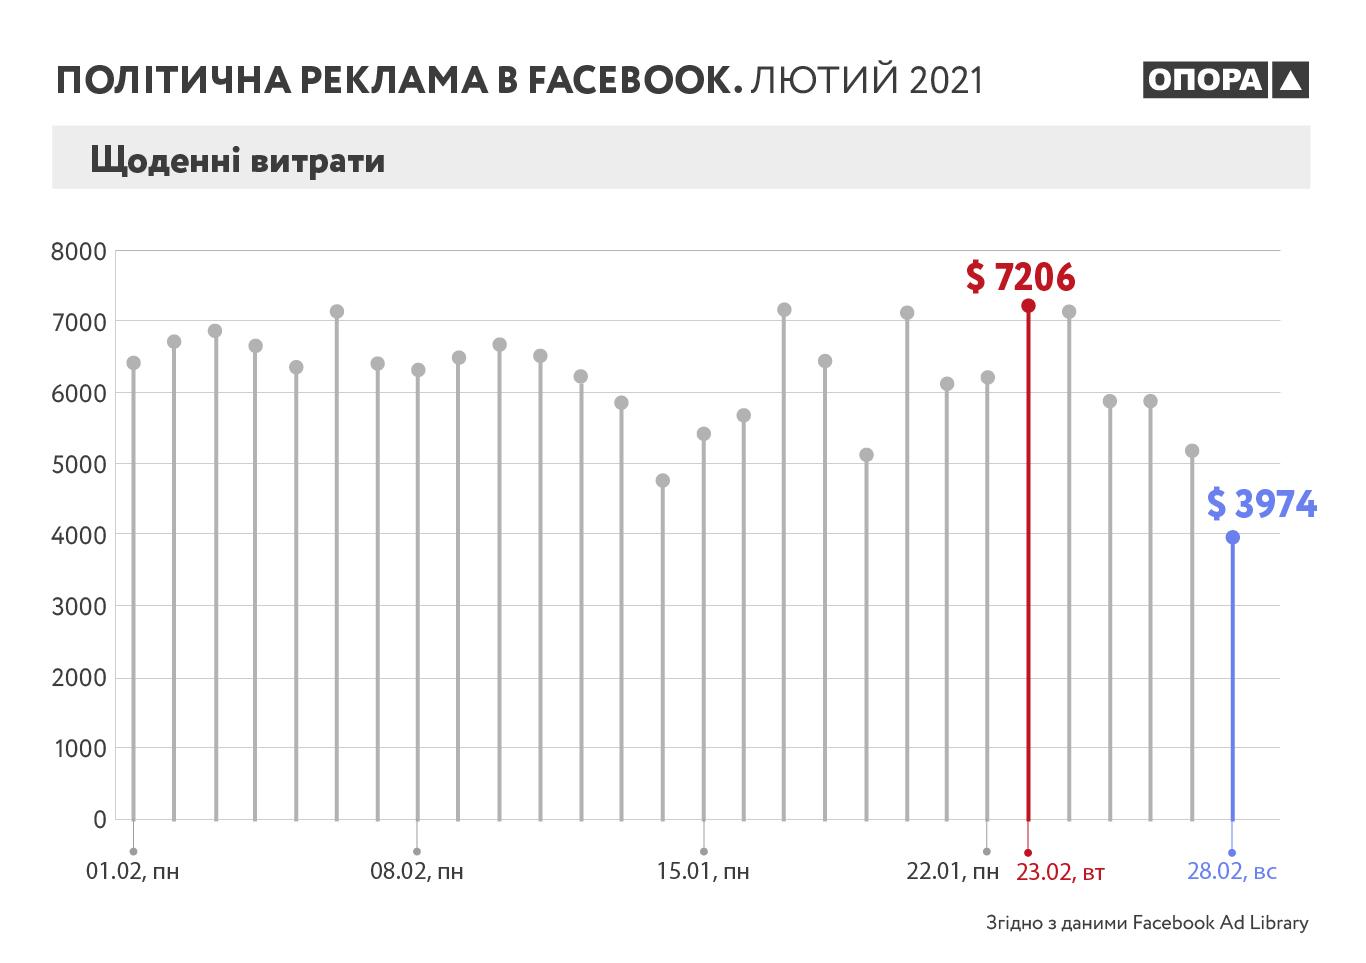 Стало відомо, які суми витрачають на політичну рекламу в Facebook в Україні - фото 2